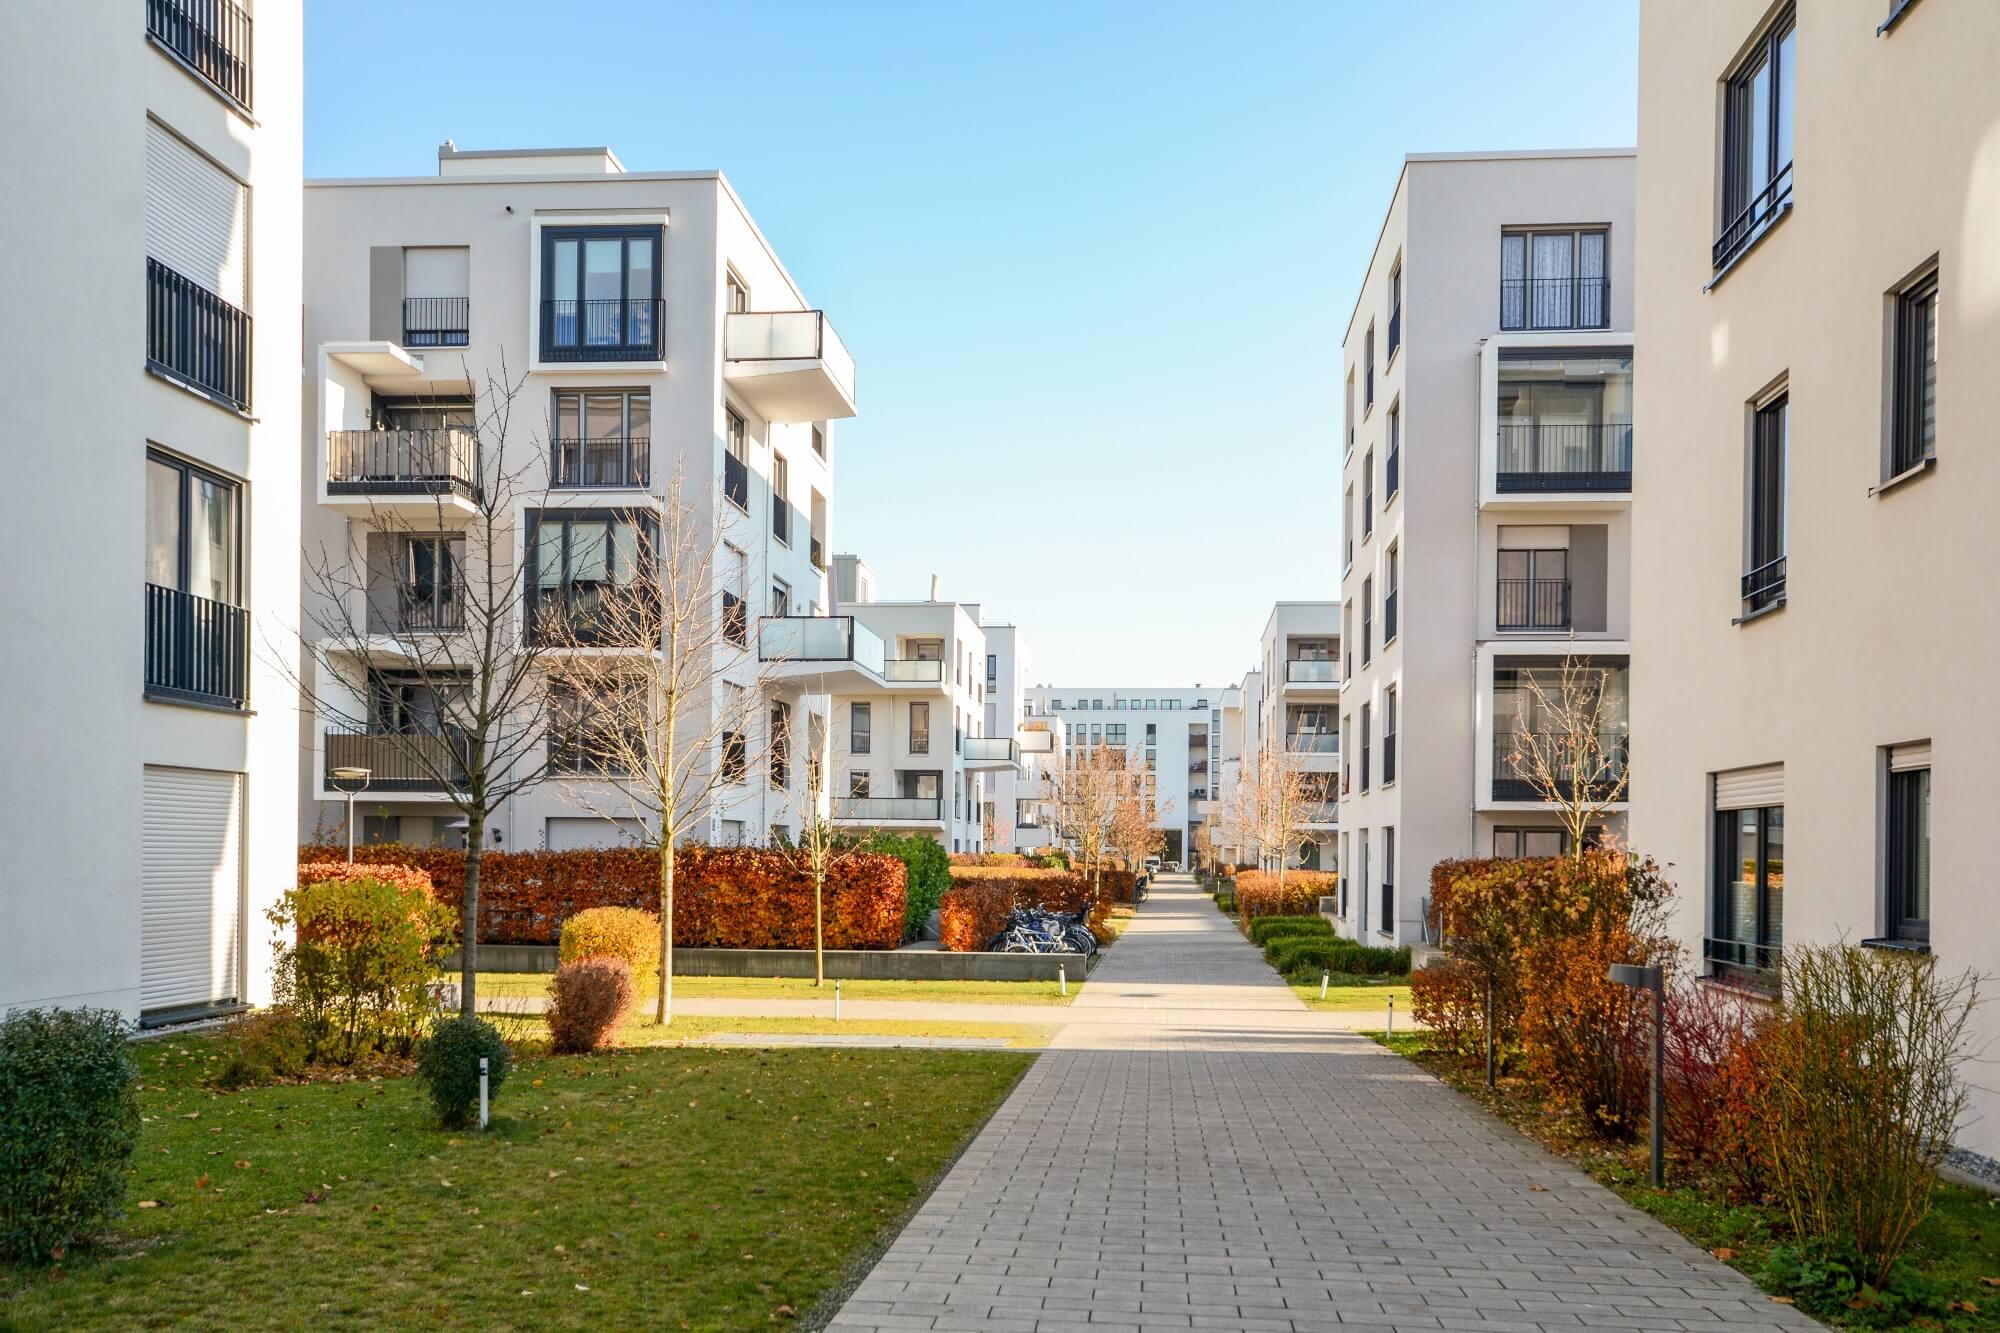 Honorierung von Planungsleistungen für Mehrfamilienhäuser – Ein, zwei oder fünf Gebäude